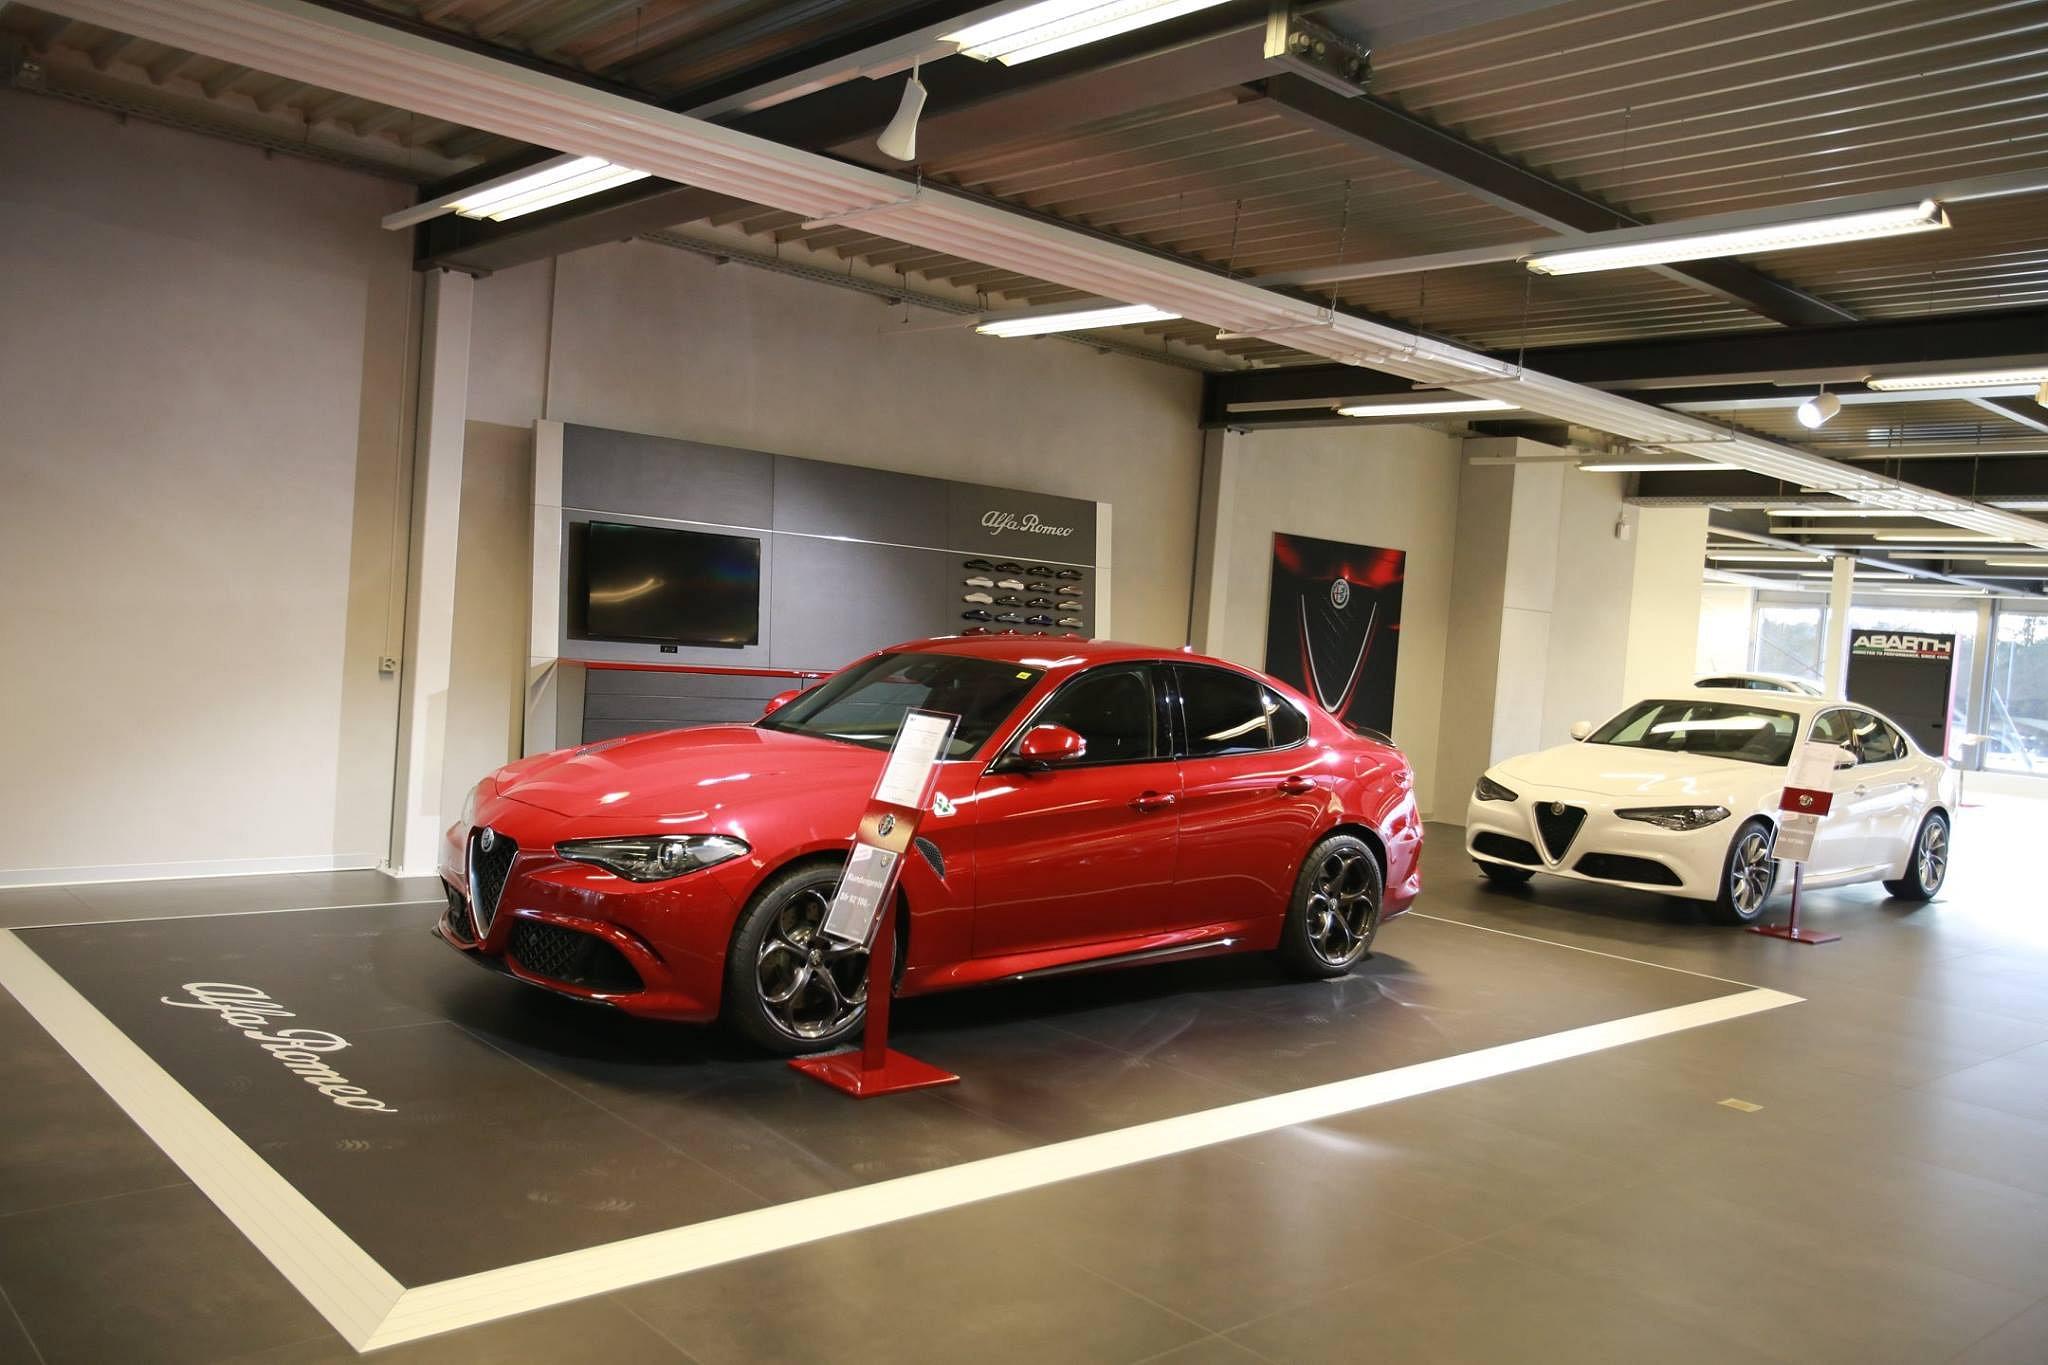 Autobahn garage zwahlen wieser ag for Garage ouvert aujourd hui